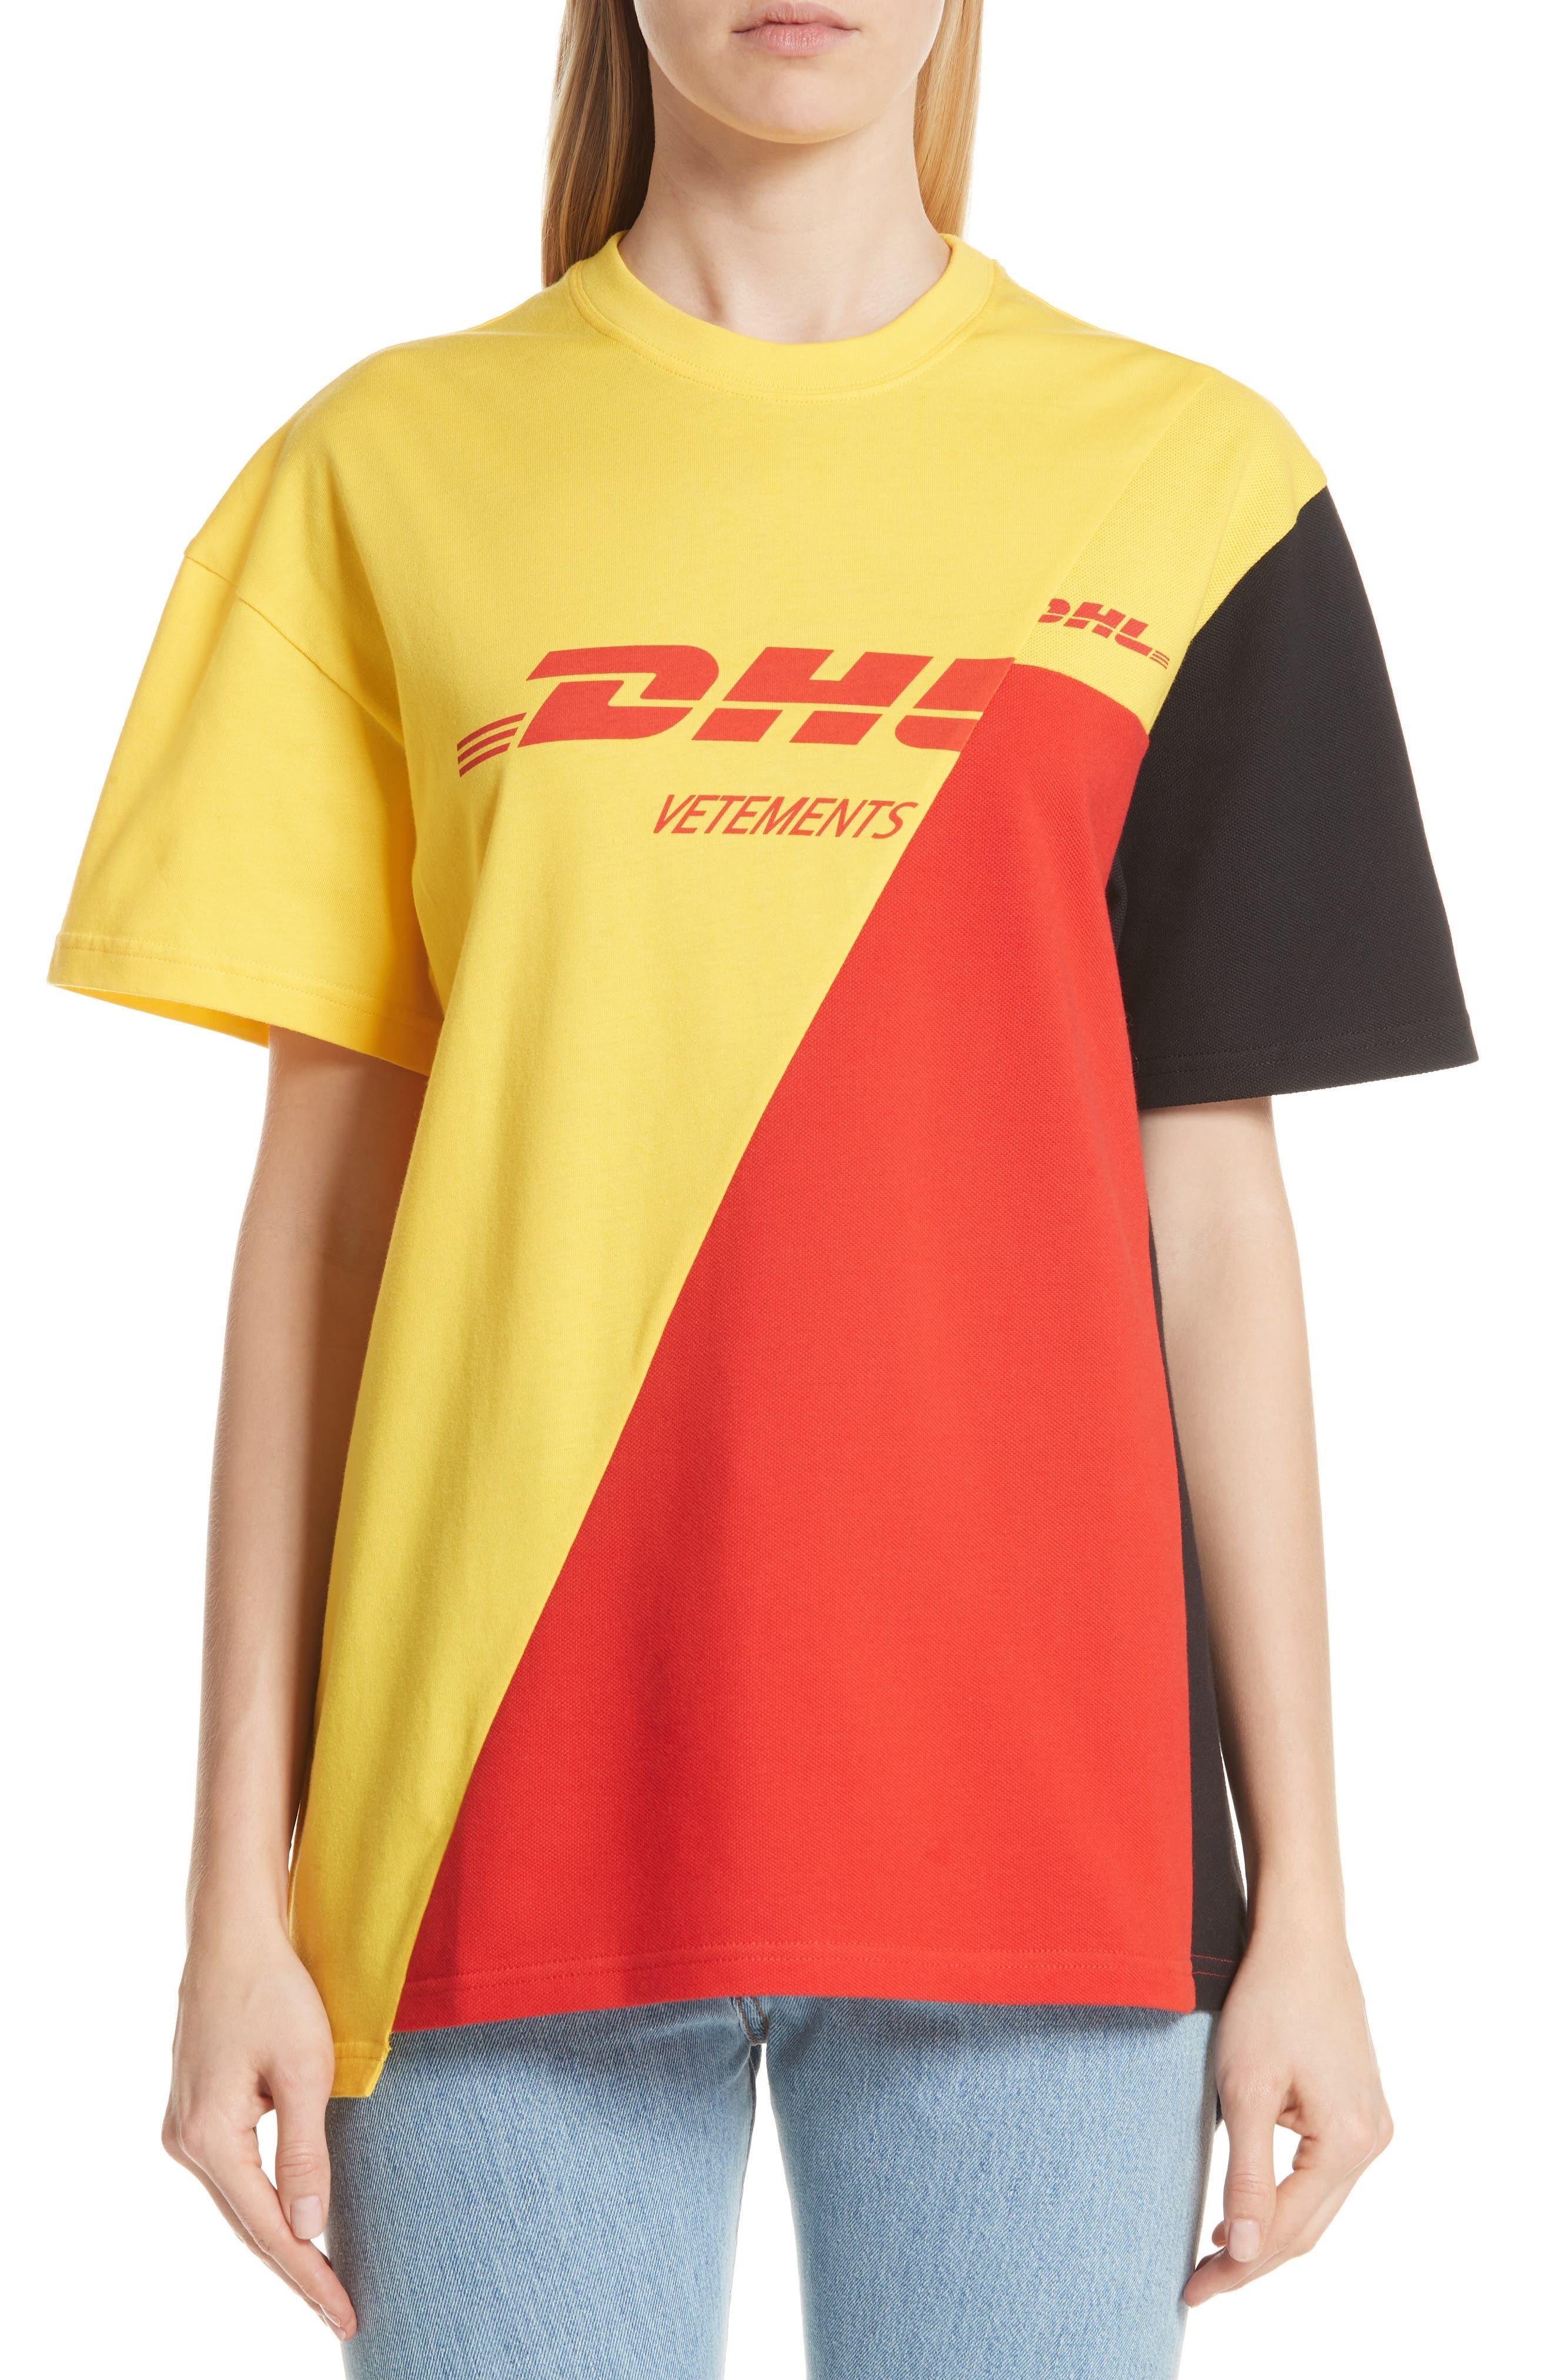 DHL Cut-Up Tee,                             Main thumbnail 1, color,                             Yellow